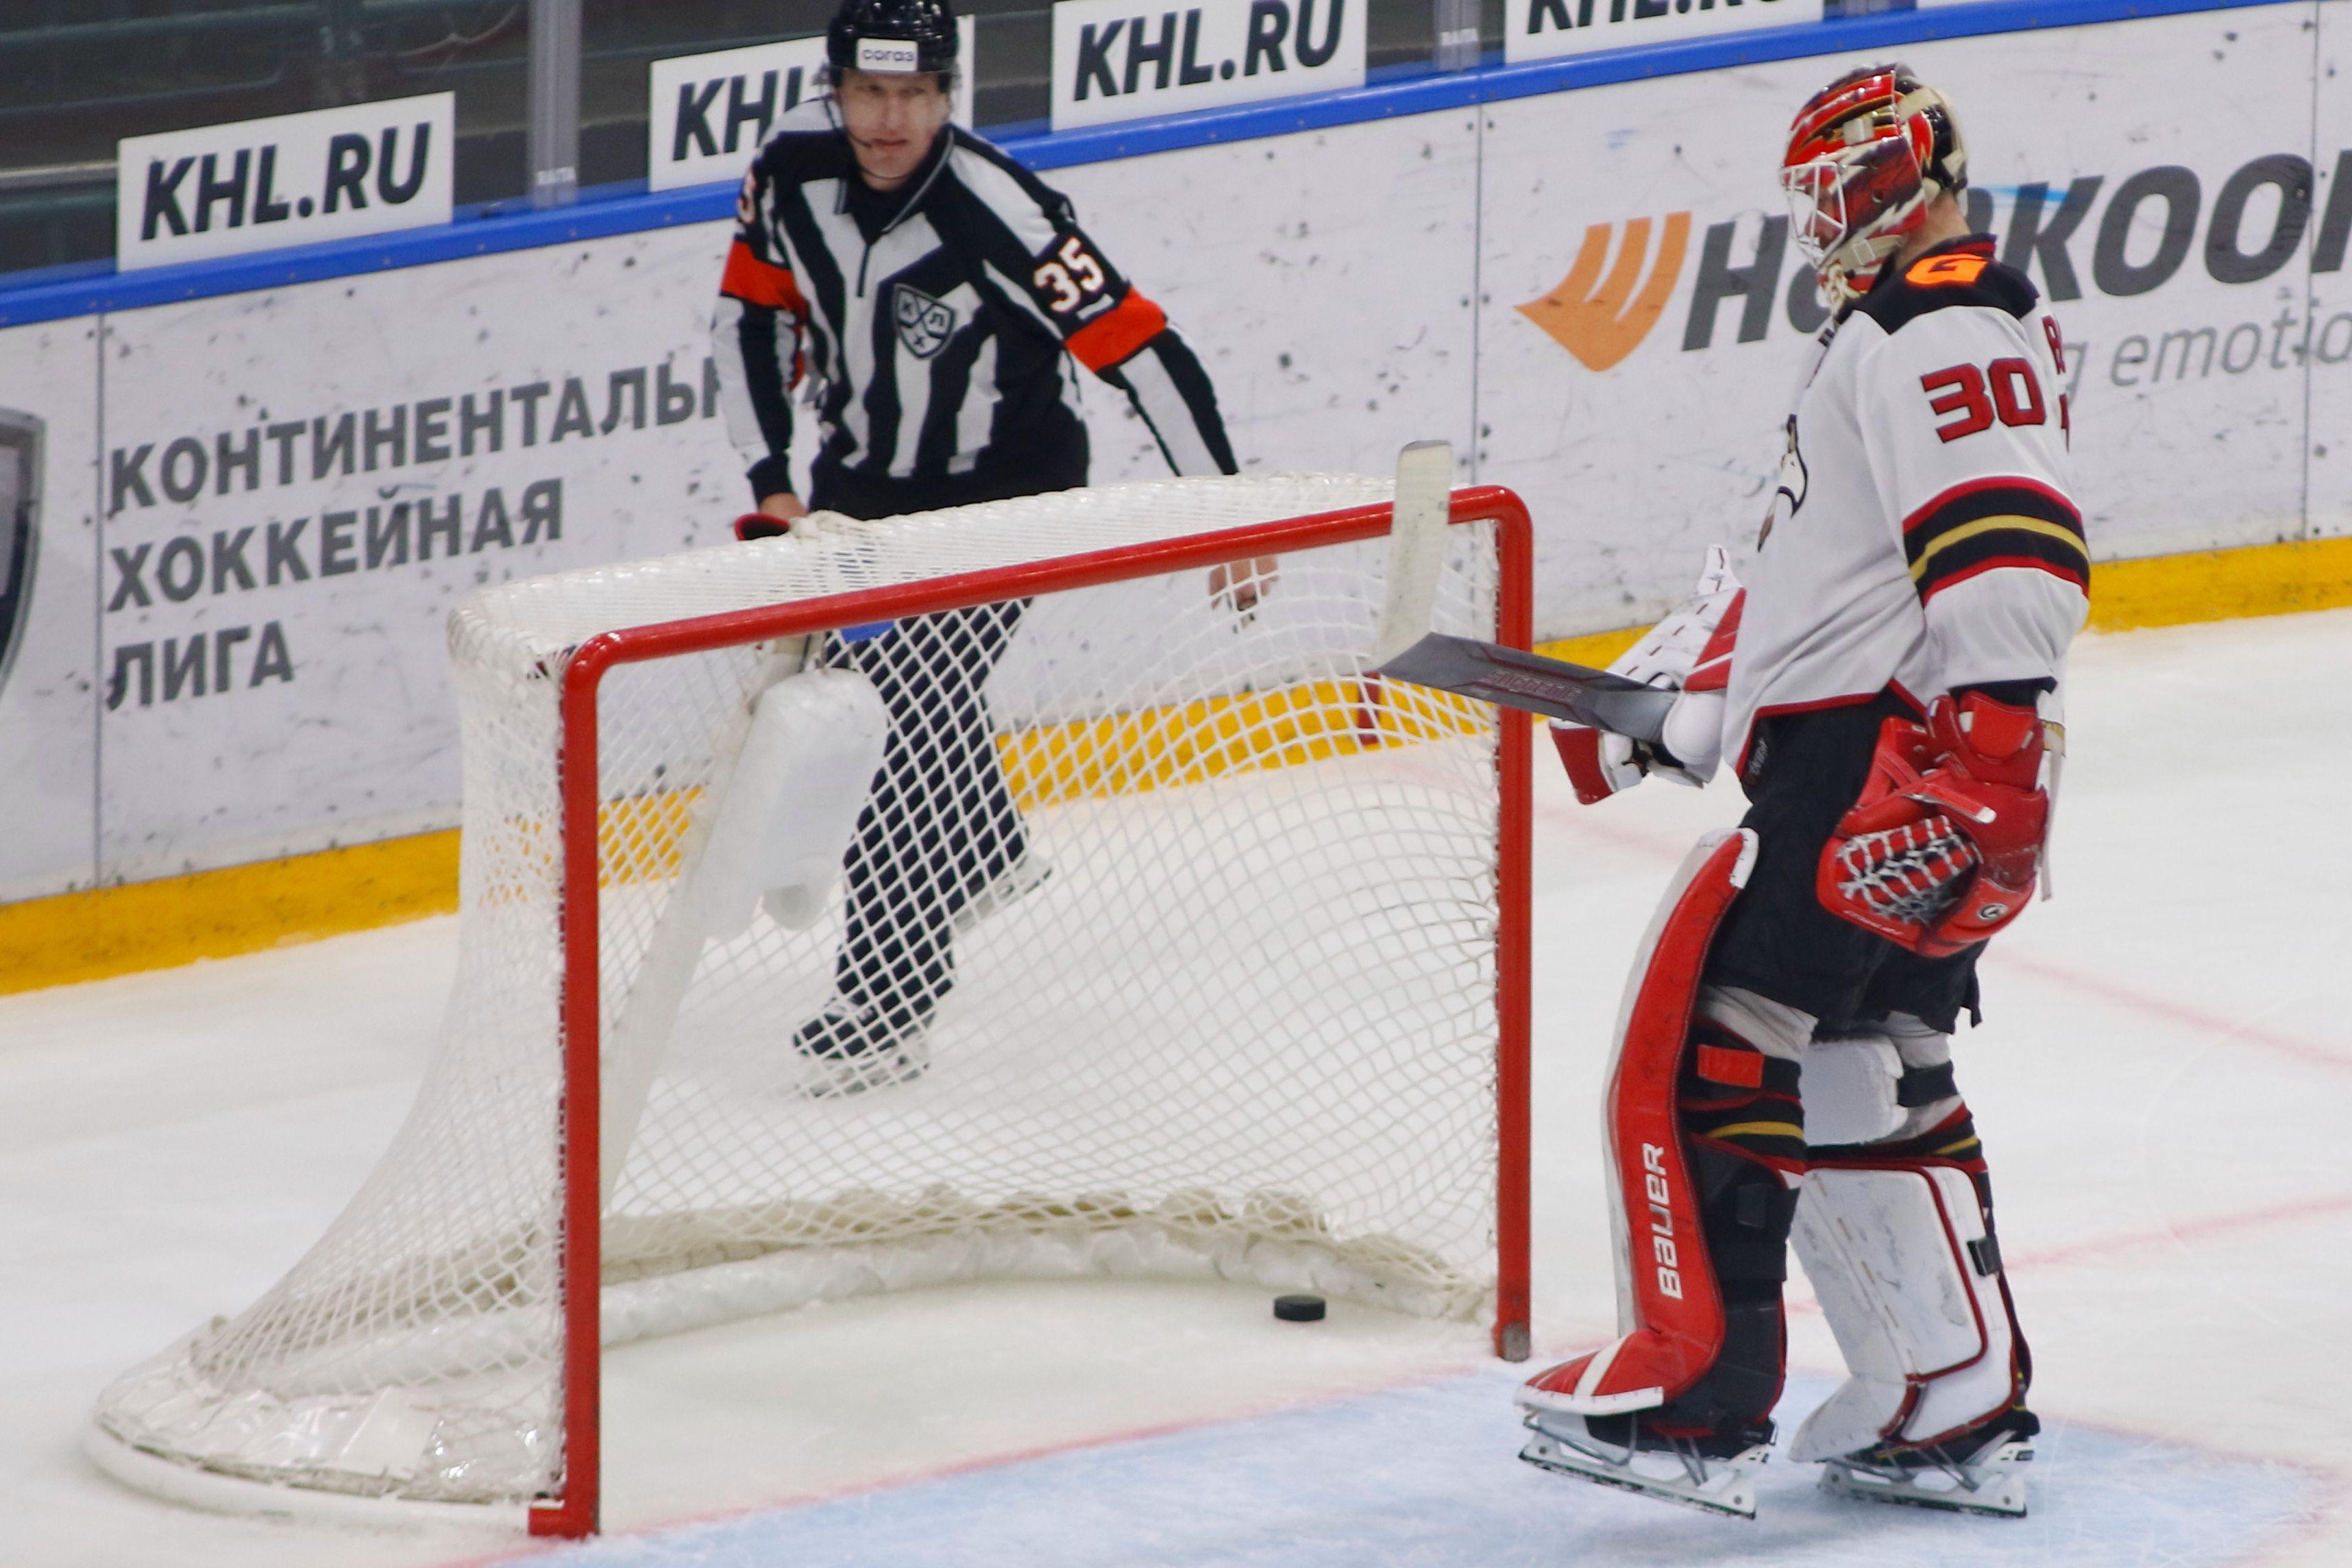 Хоккей, КХЛ, Восточная конференция, полуфинал, Металлург - Авангард, четвёртый матч, прямая текстовая онлайн трансляция